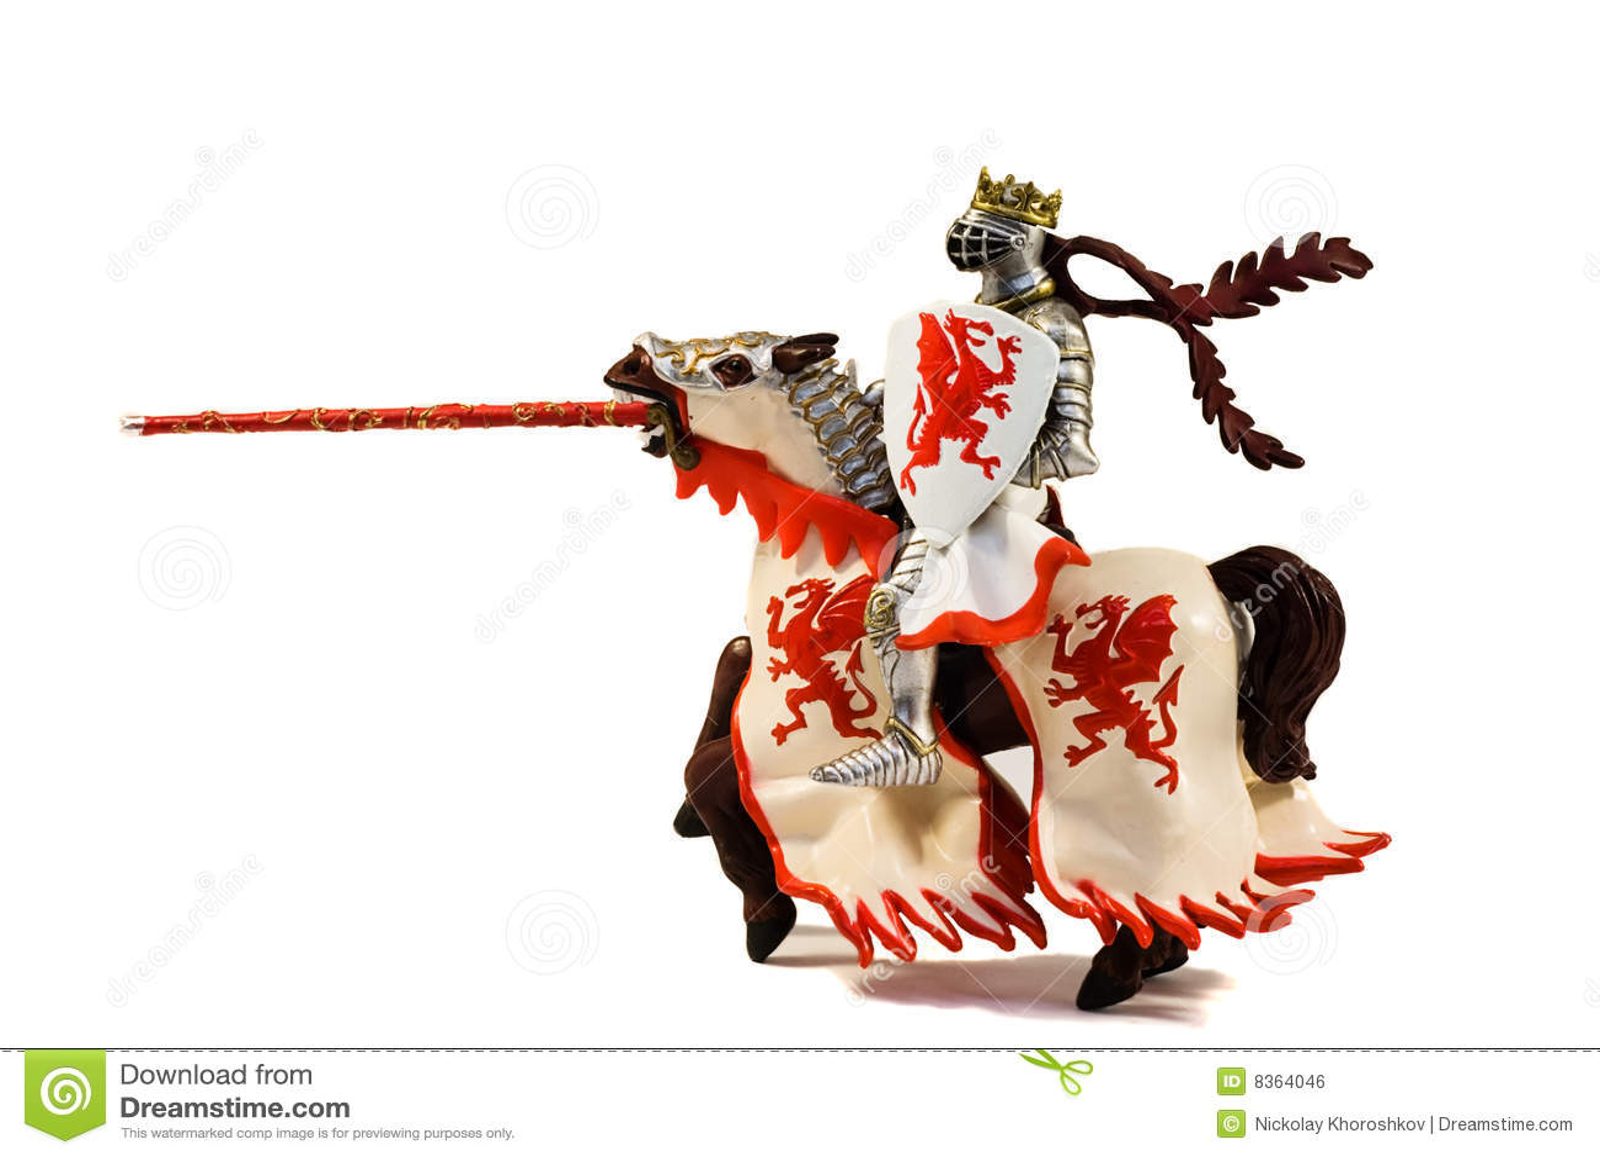 Estatua Del Caballero Acorazado Del Jinete Con La Lanza En Caballo ...